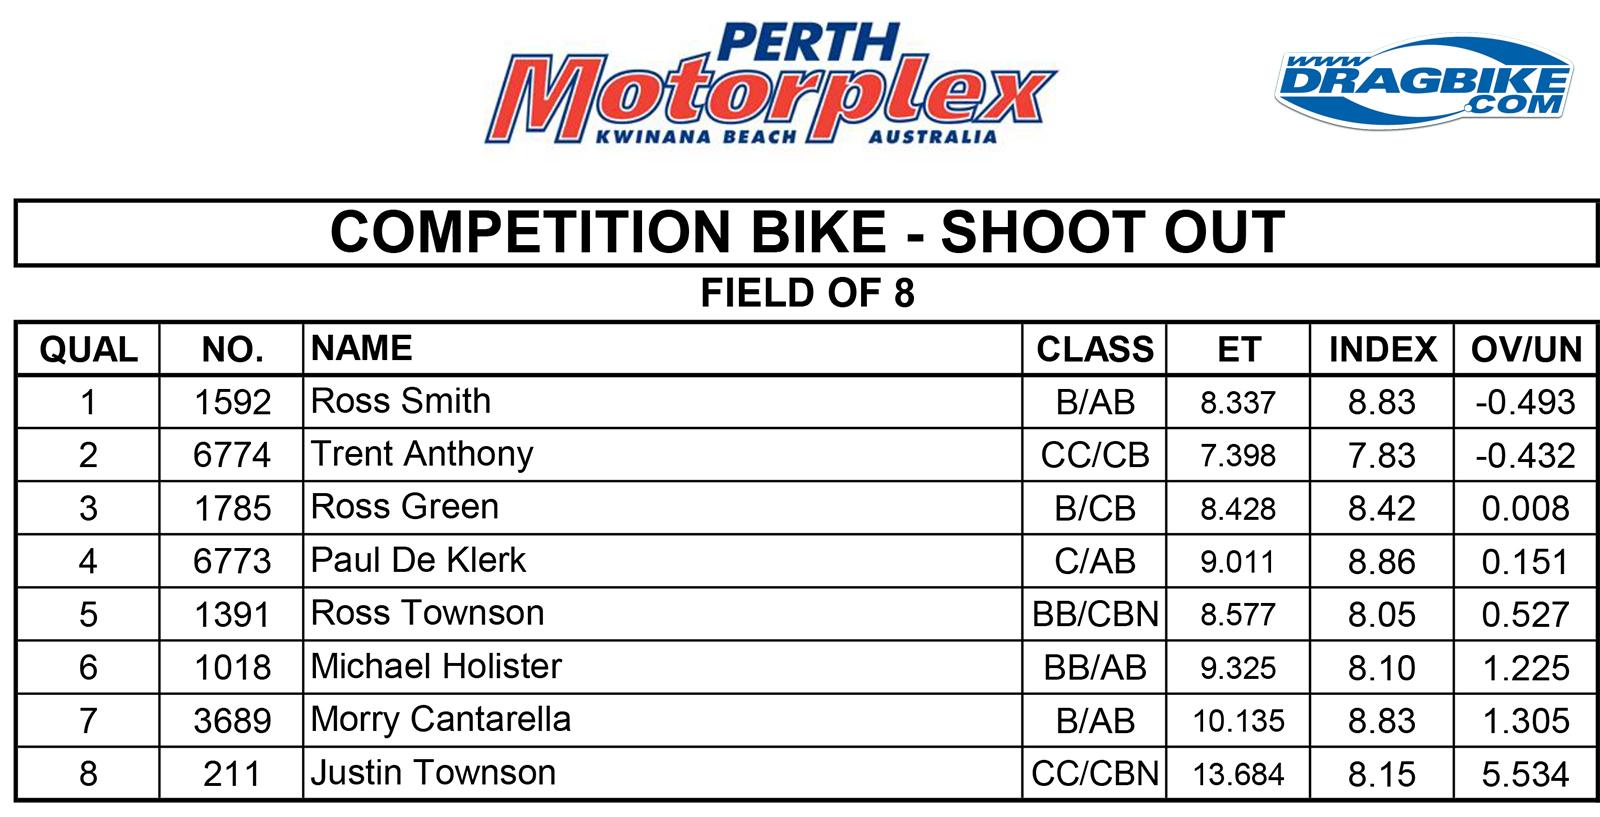 Perth Competition Bike